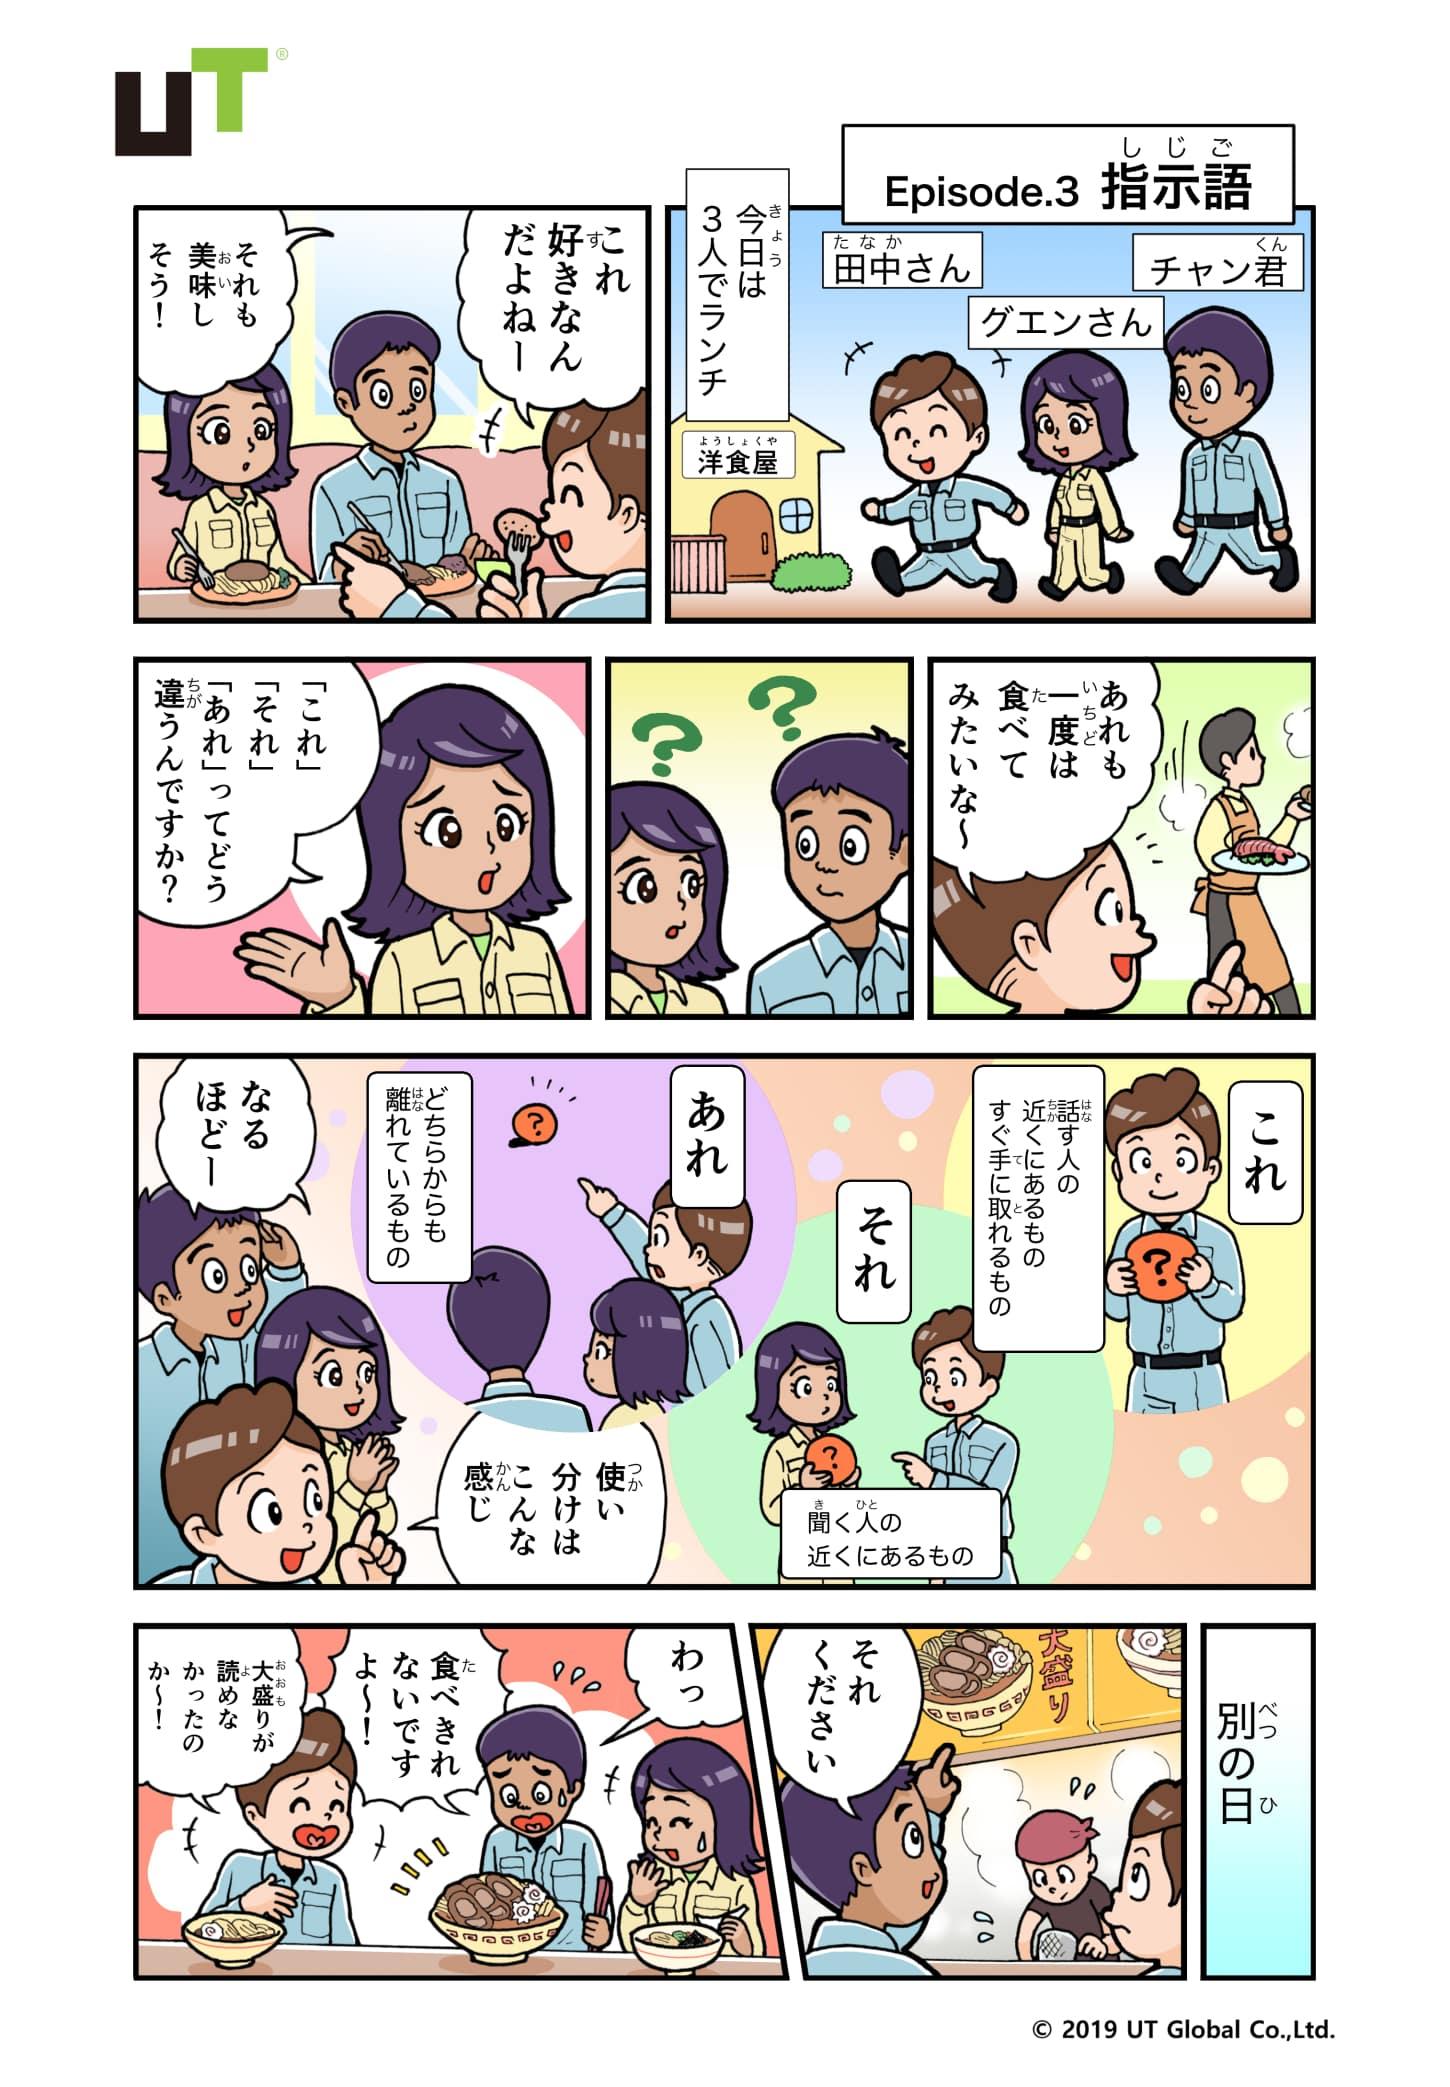 日本語と文化が学べる 社内向け研修マンガ掲載サンプル3